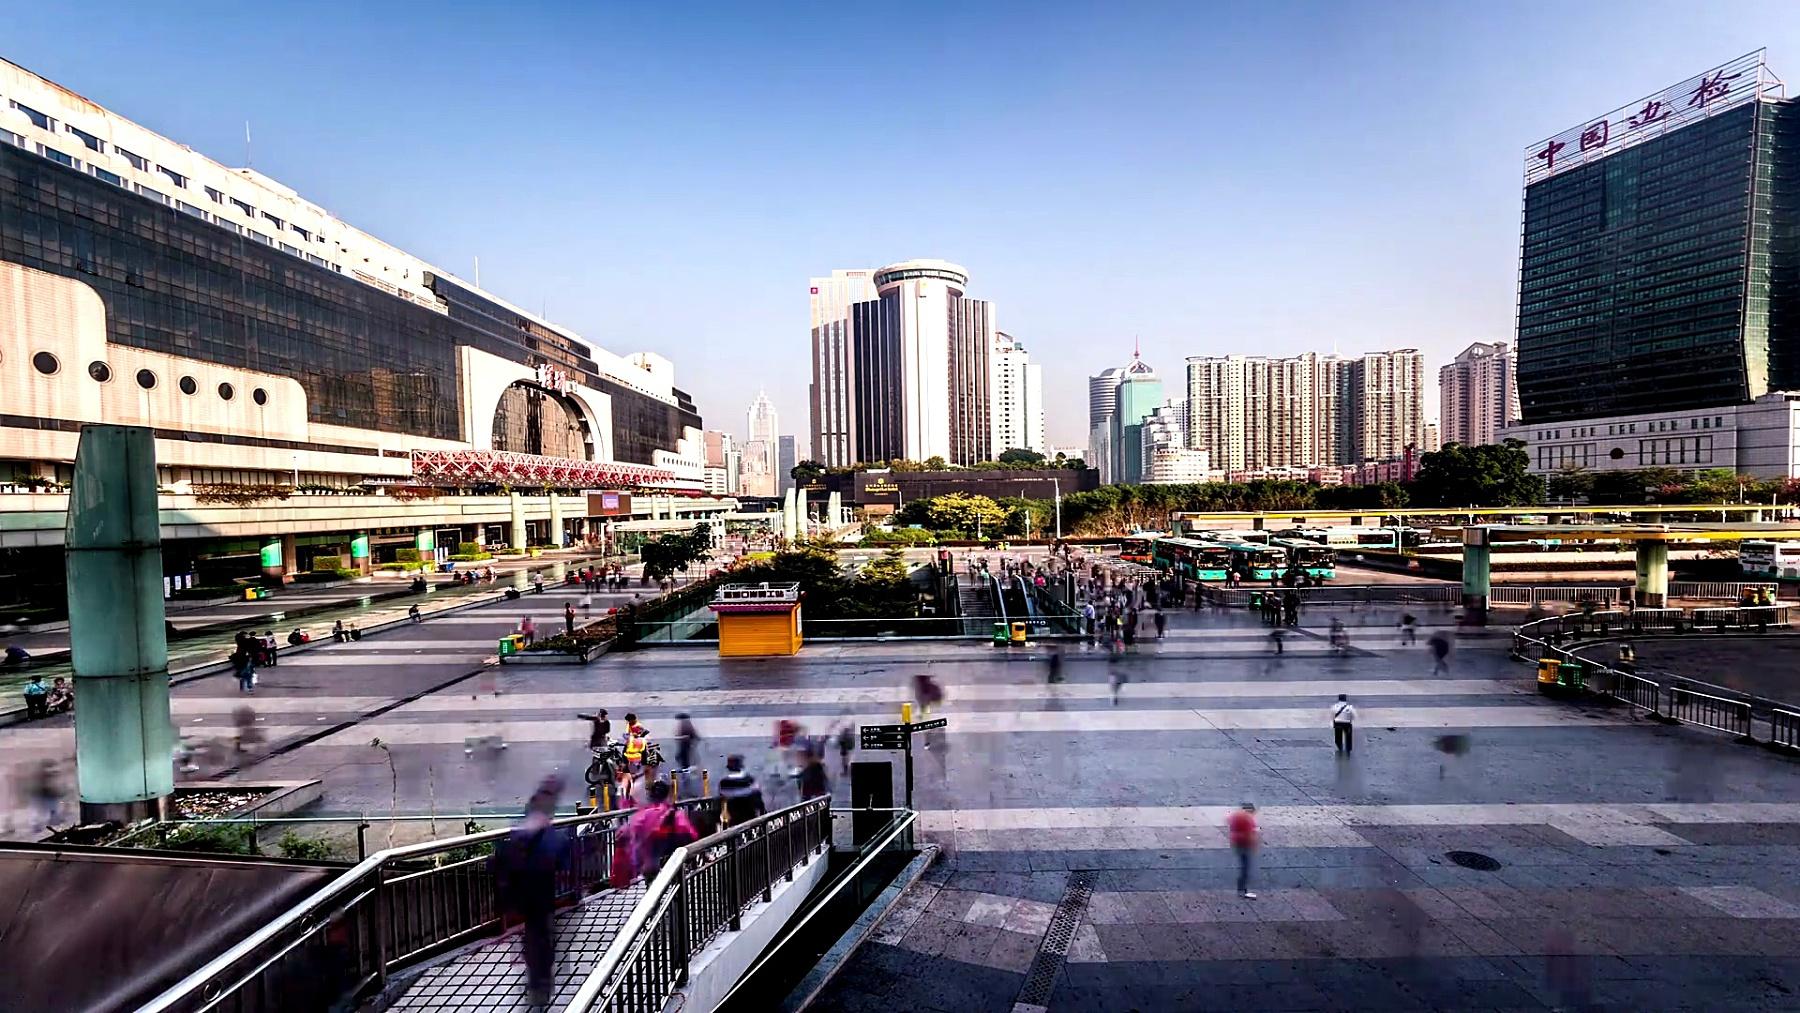 中国深圳-2014年11月22日 公交车站就在中国深圳火车站外